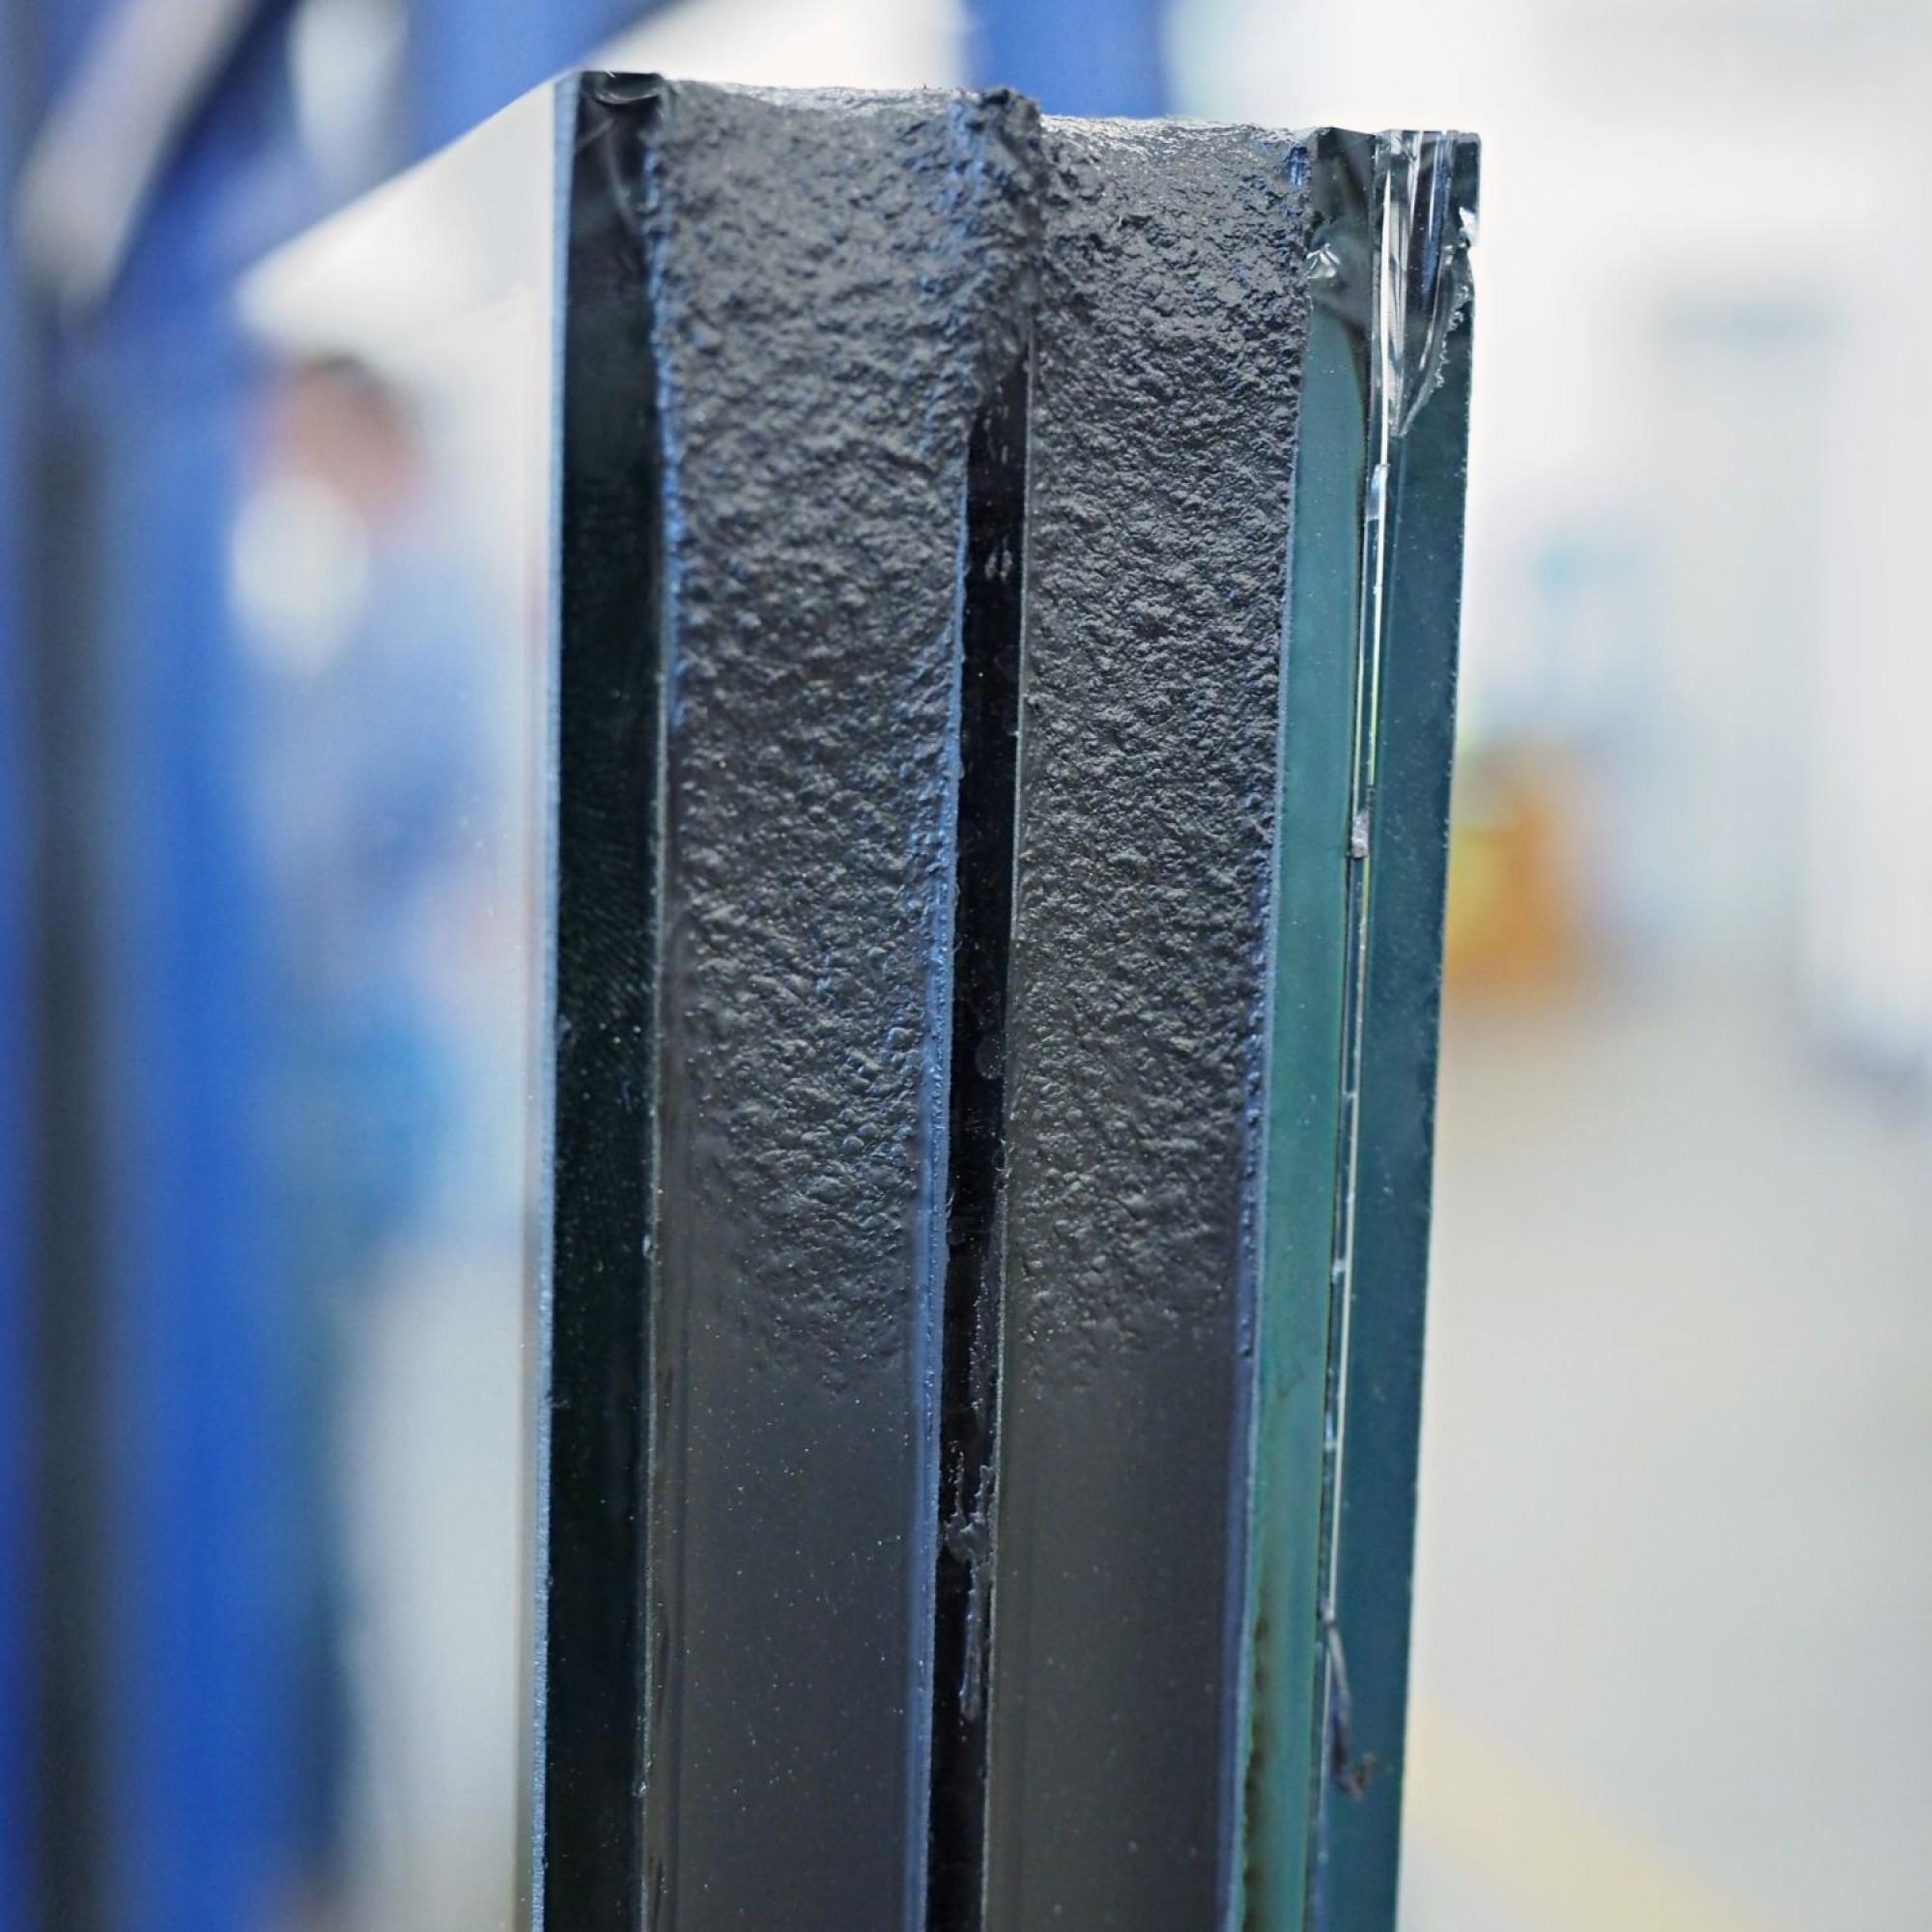 Labortests ergaben einen Wärmedurchgangskoeffizienten (U-Wert) von 0,46 bis maximal 0,62W/m2 K. Im Vergleich dazu weist handelsübliches Dreifachisolierglas eine Elementstärke von 35 bis 50 Millimetern auf.